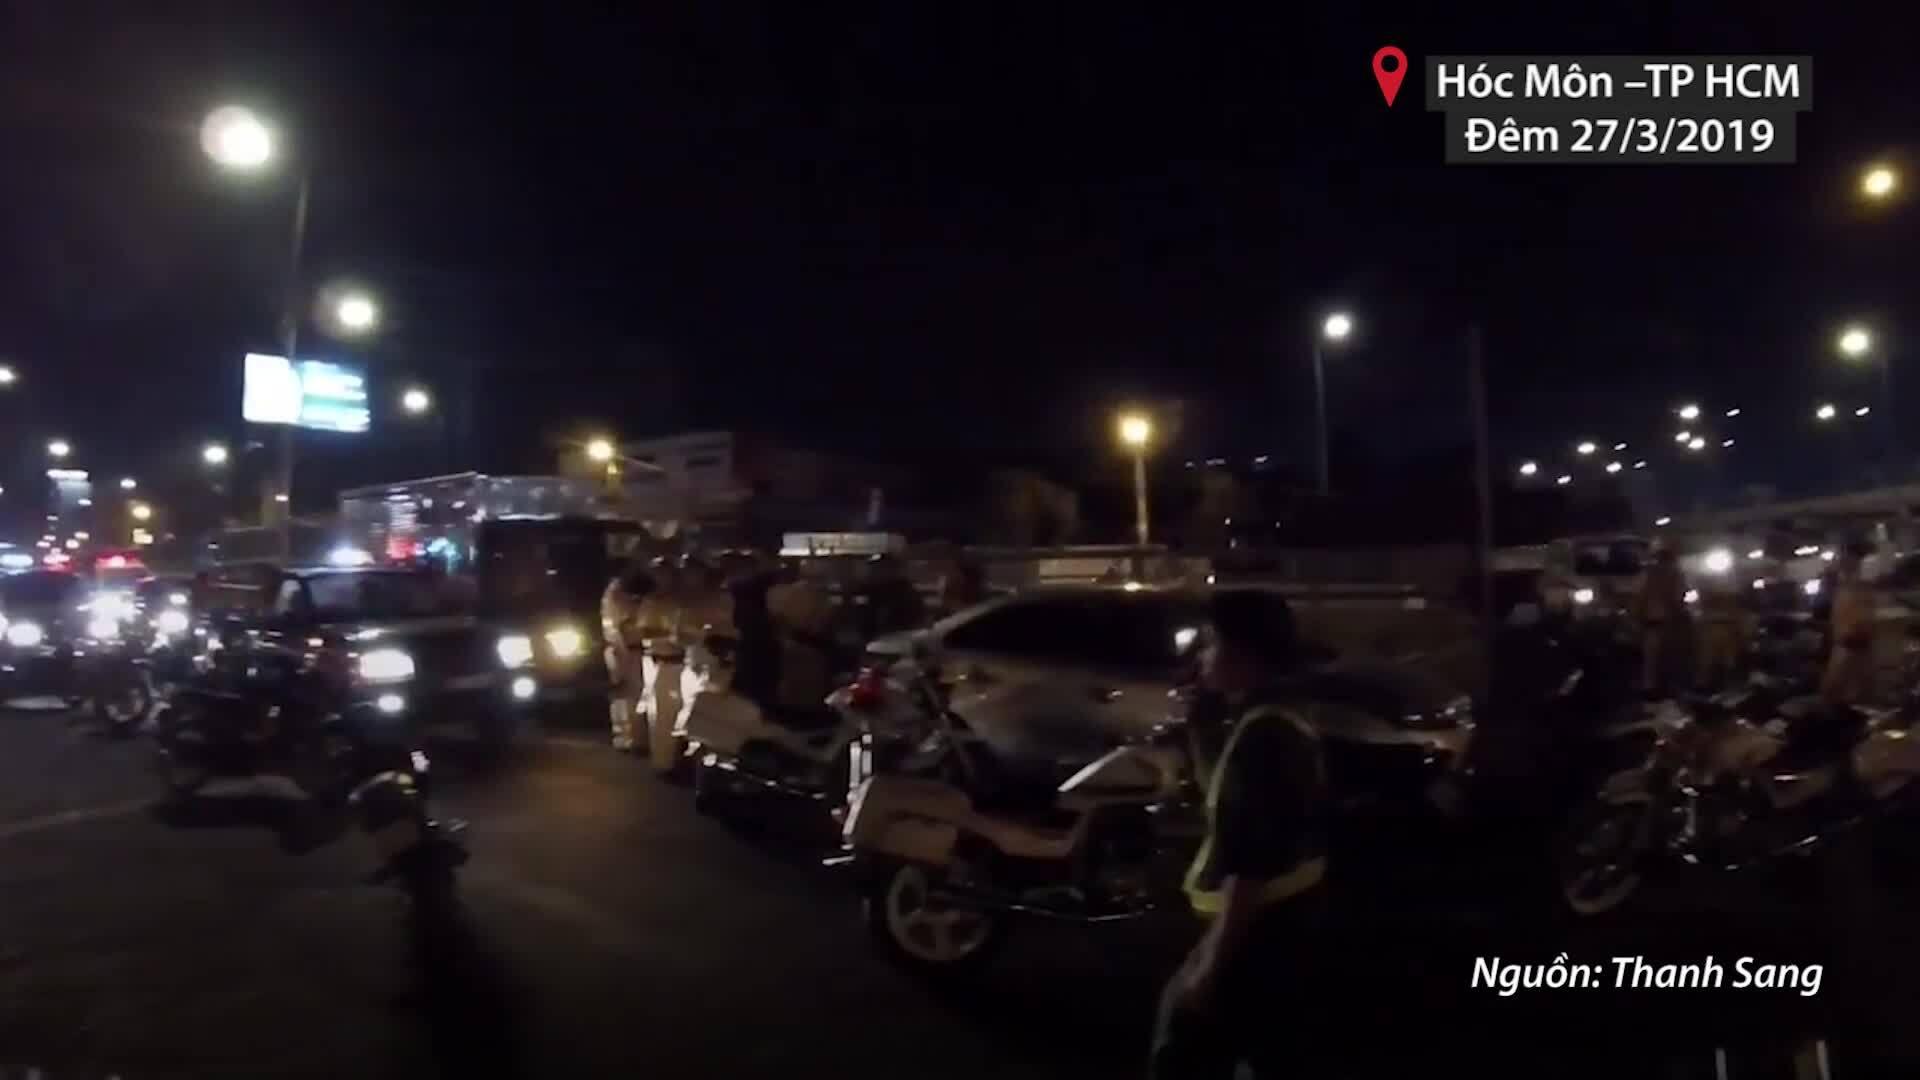 Bắt hơn 800 gói ma túy ở Hóc Môn